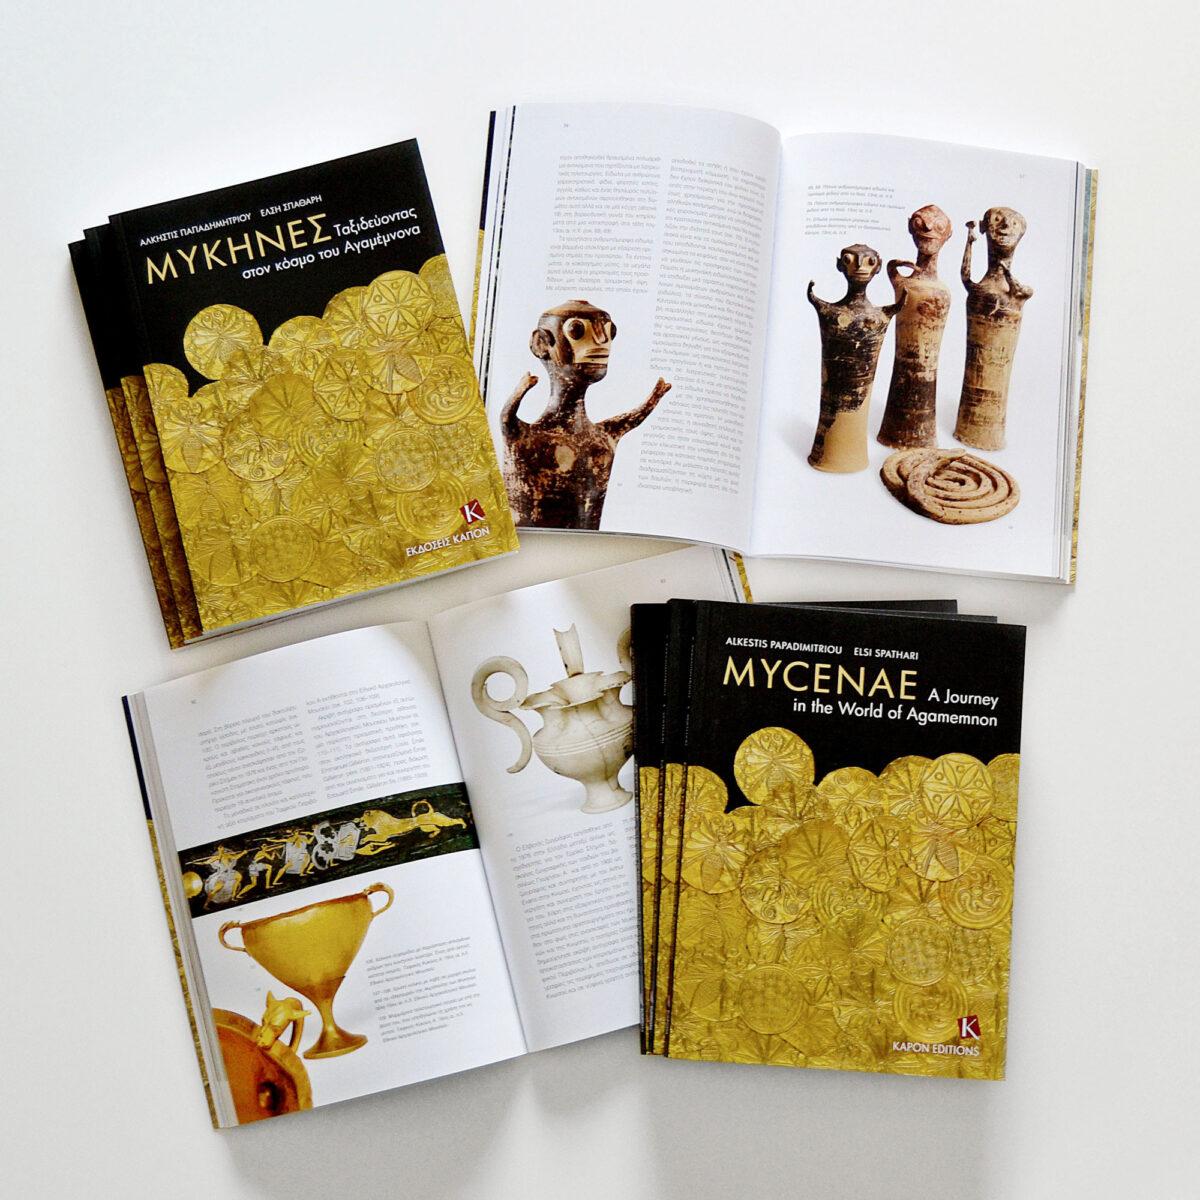 Το βιβλίο, ιδιαίτερα καλαίσθητο, κατανοητό και εύχρηστο, είναι ο κατάλληλος «συνοδός» κάθε επισκέπτη που περιηγείται τον αρχαιολογικό χώρο και το μουσείο των Μυκηνών.